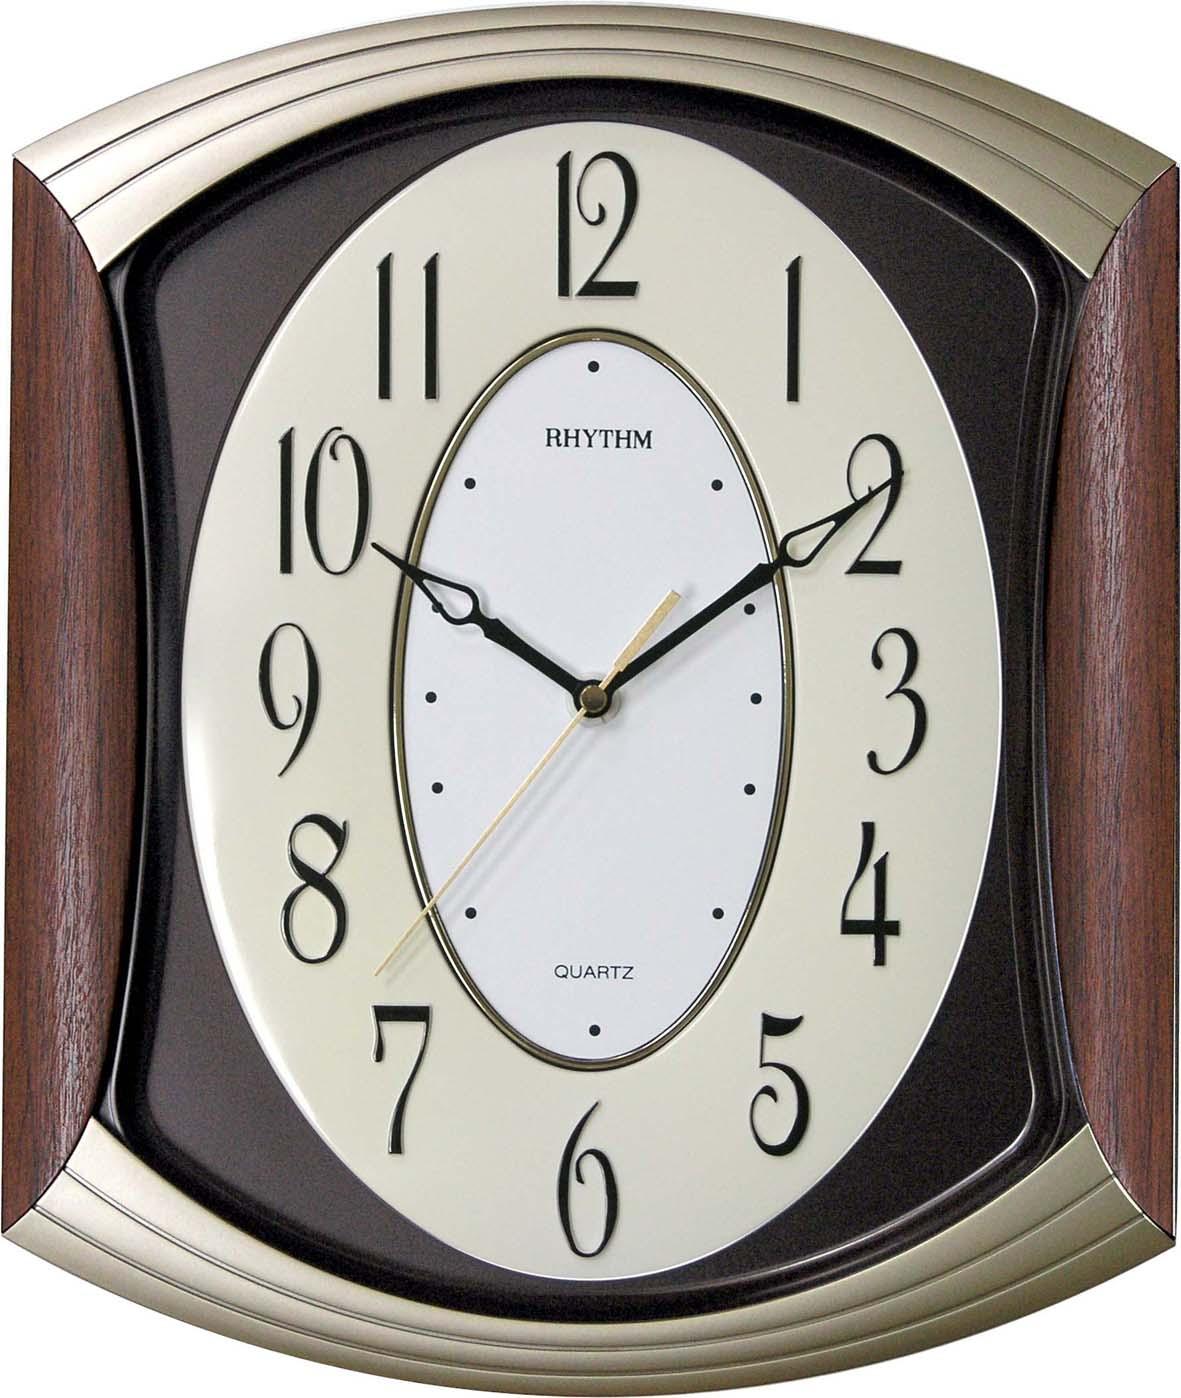 Nбstennй hodiny RHYTHM Drevo